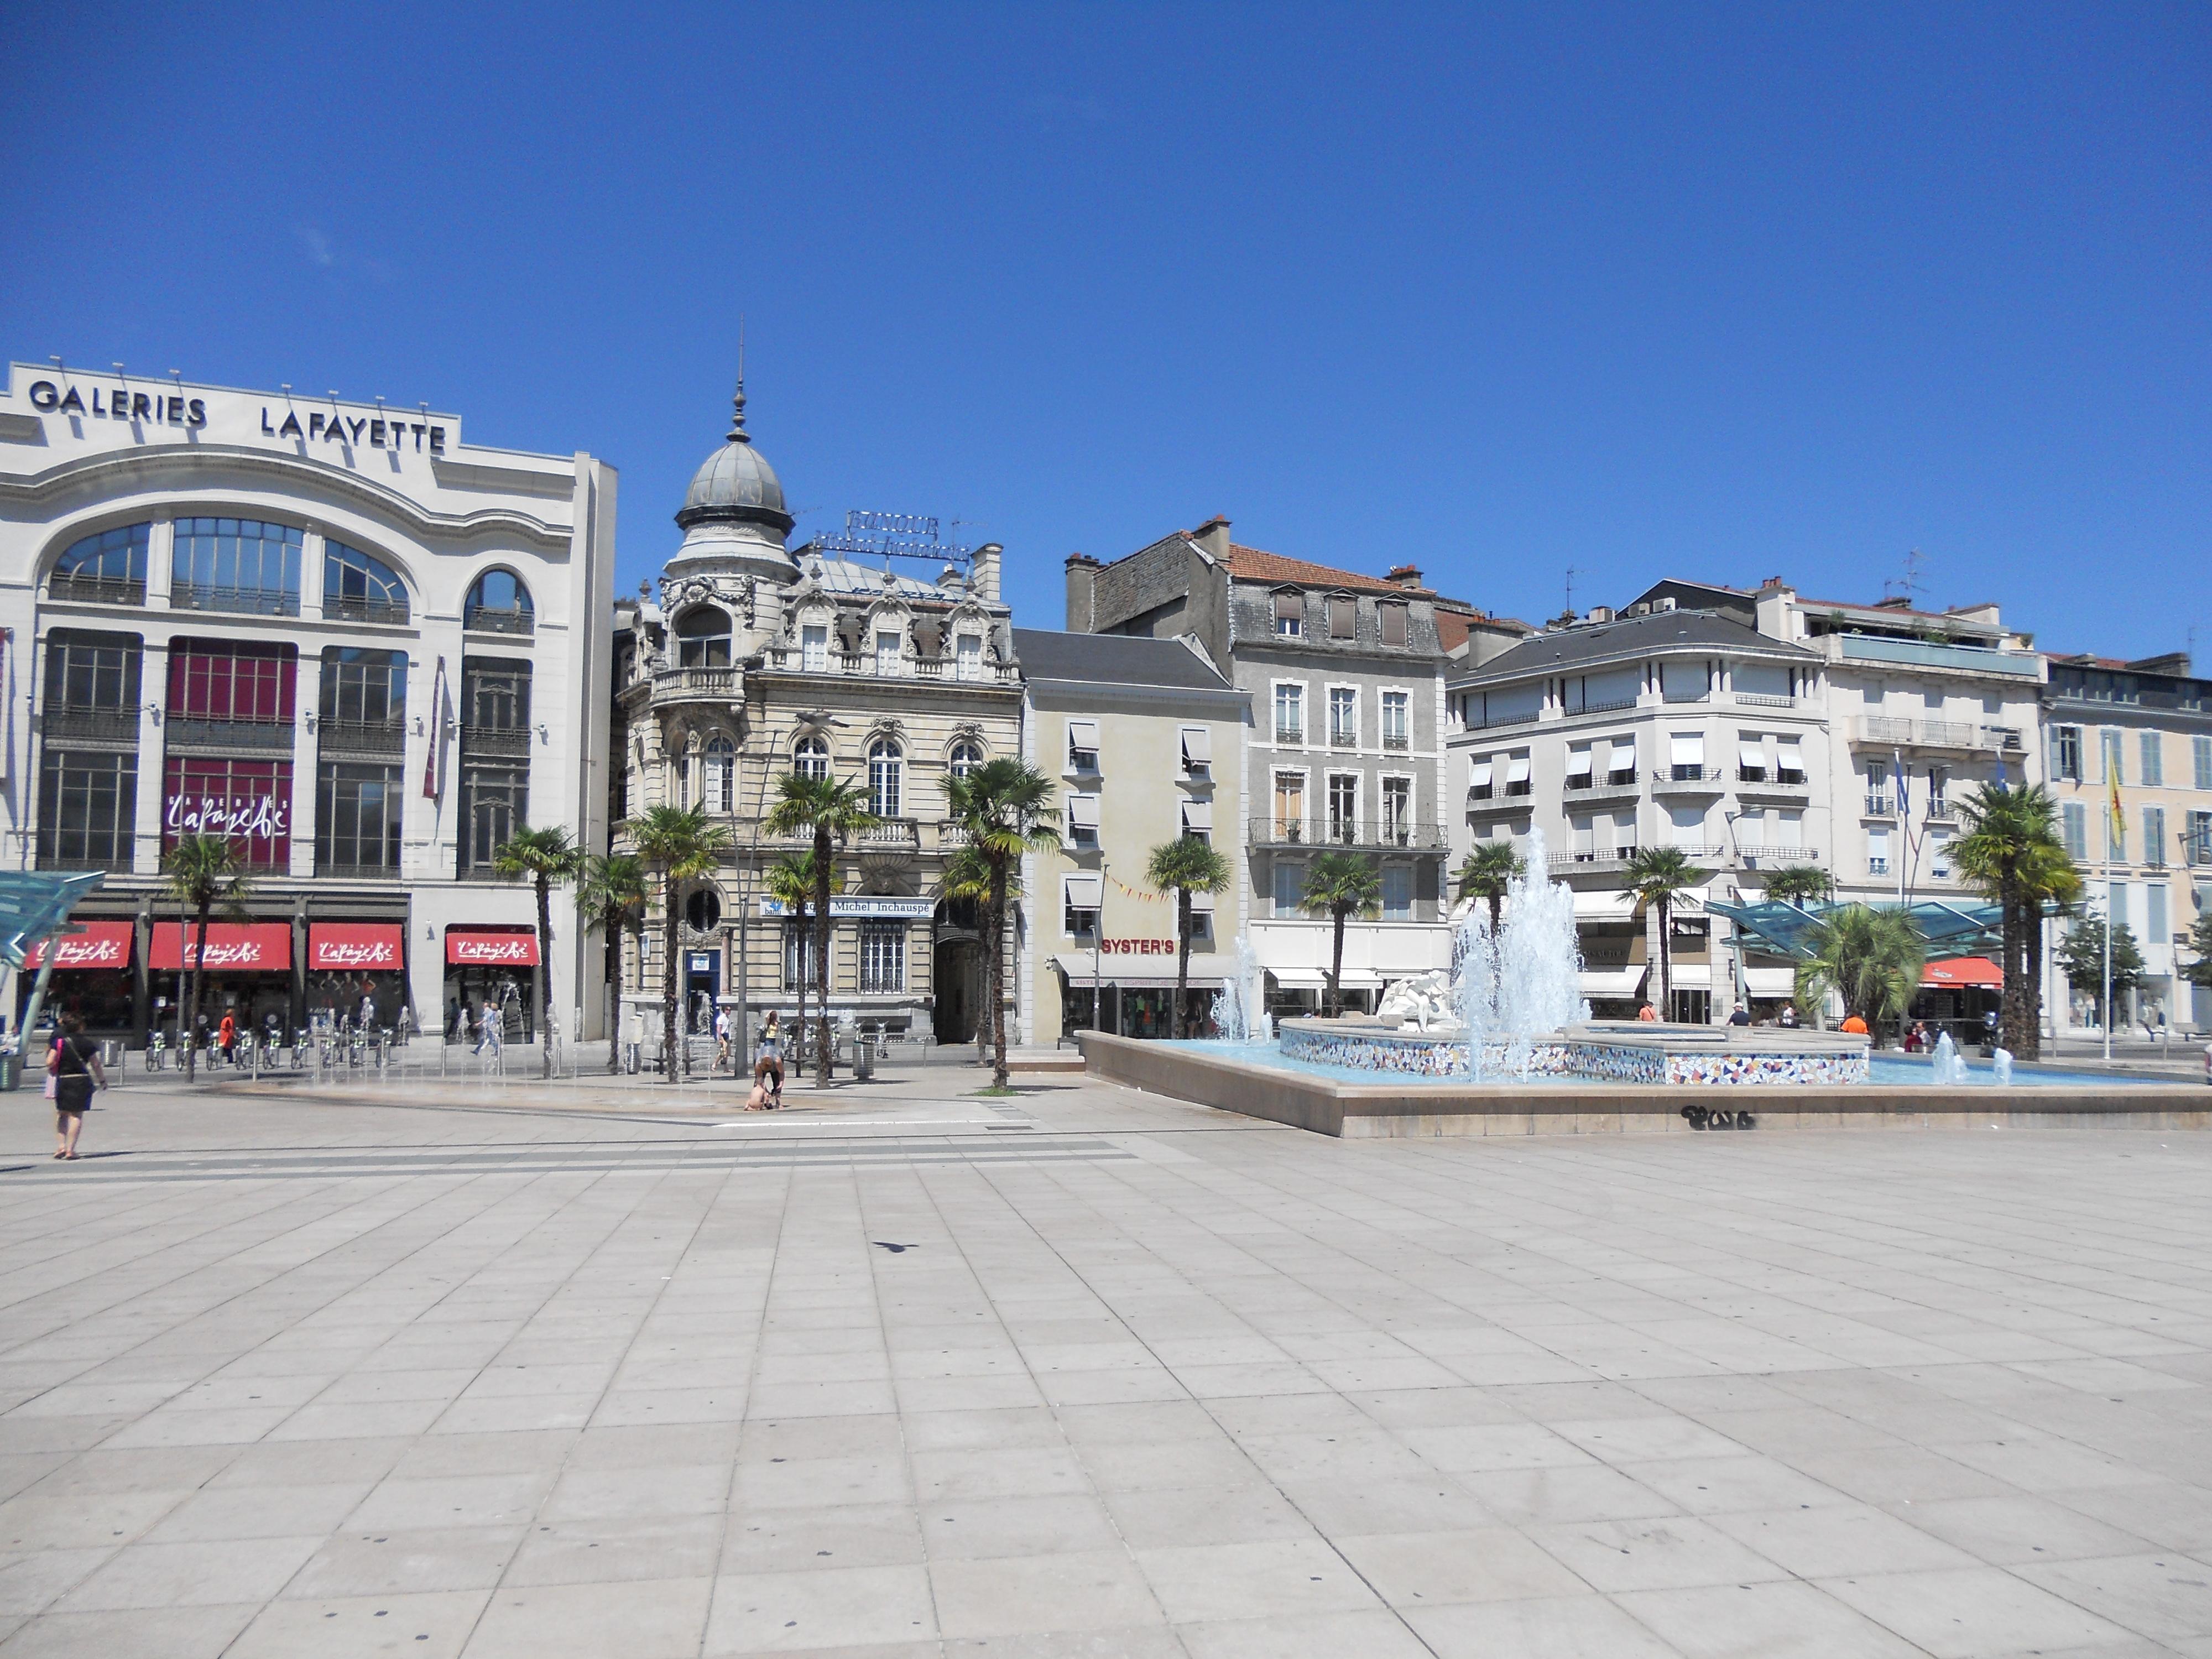 File:Place Clemenceau - Pau.JPG - Wikimedia Commons: commons.wikimedia.org/wiki/File:Place_Clemenceau_-_Pau.JPG